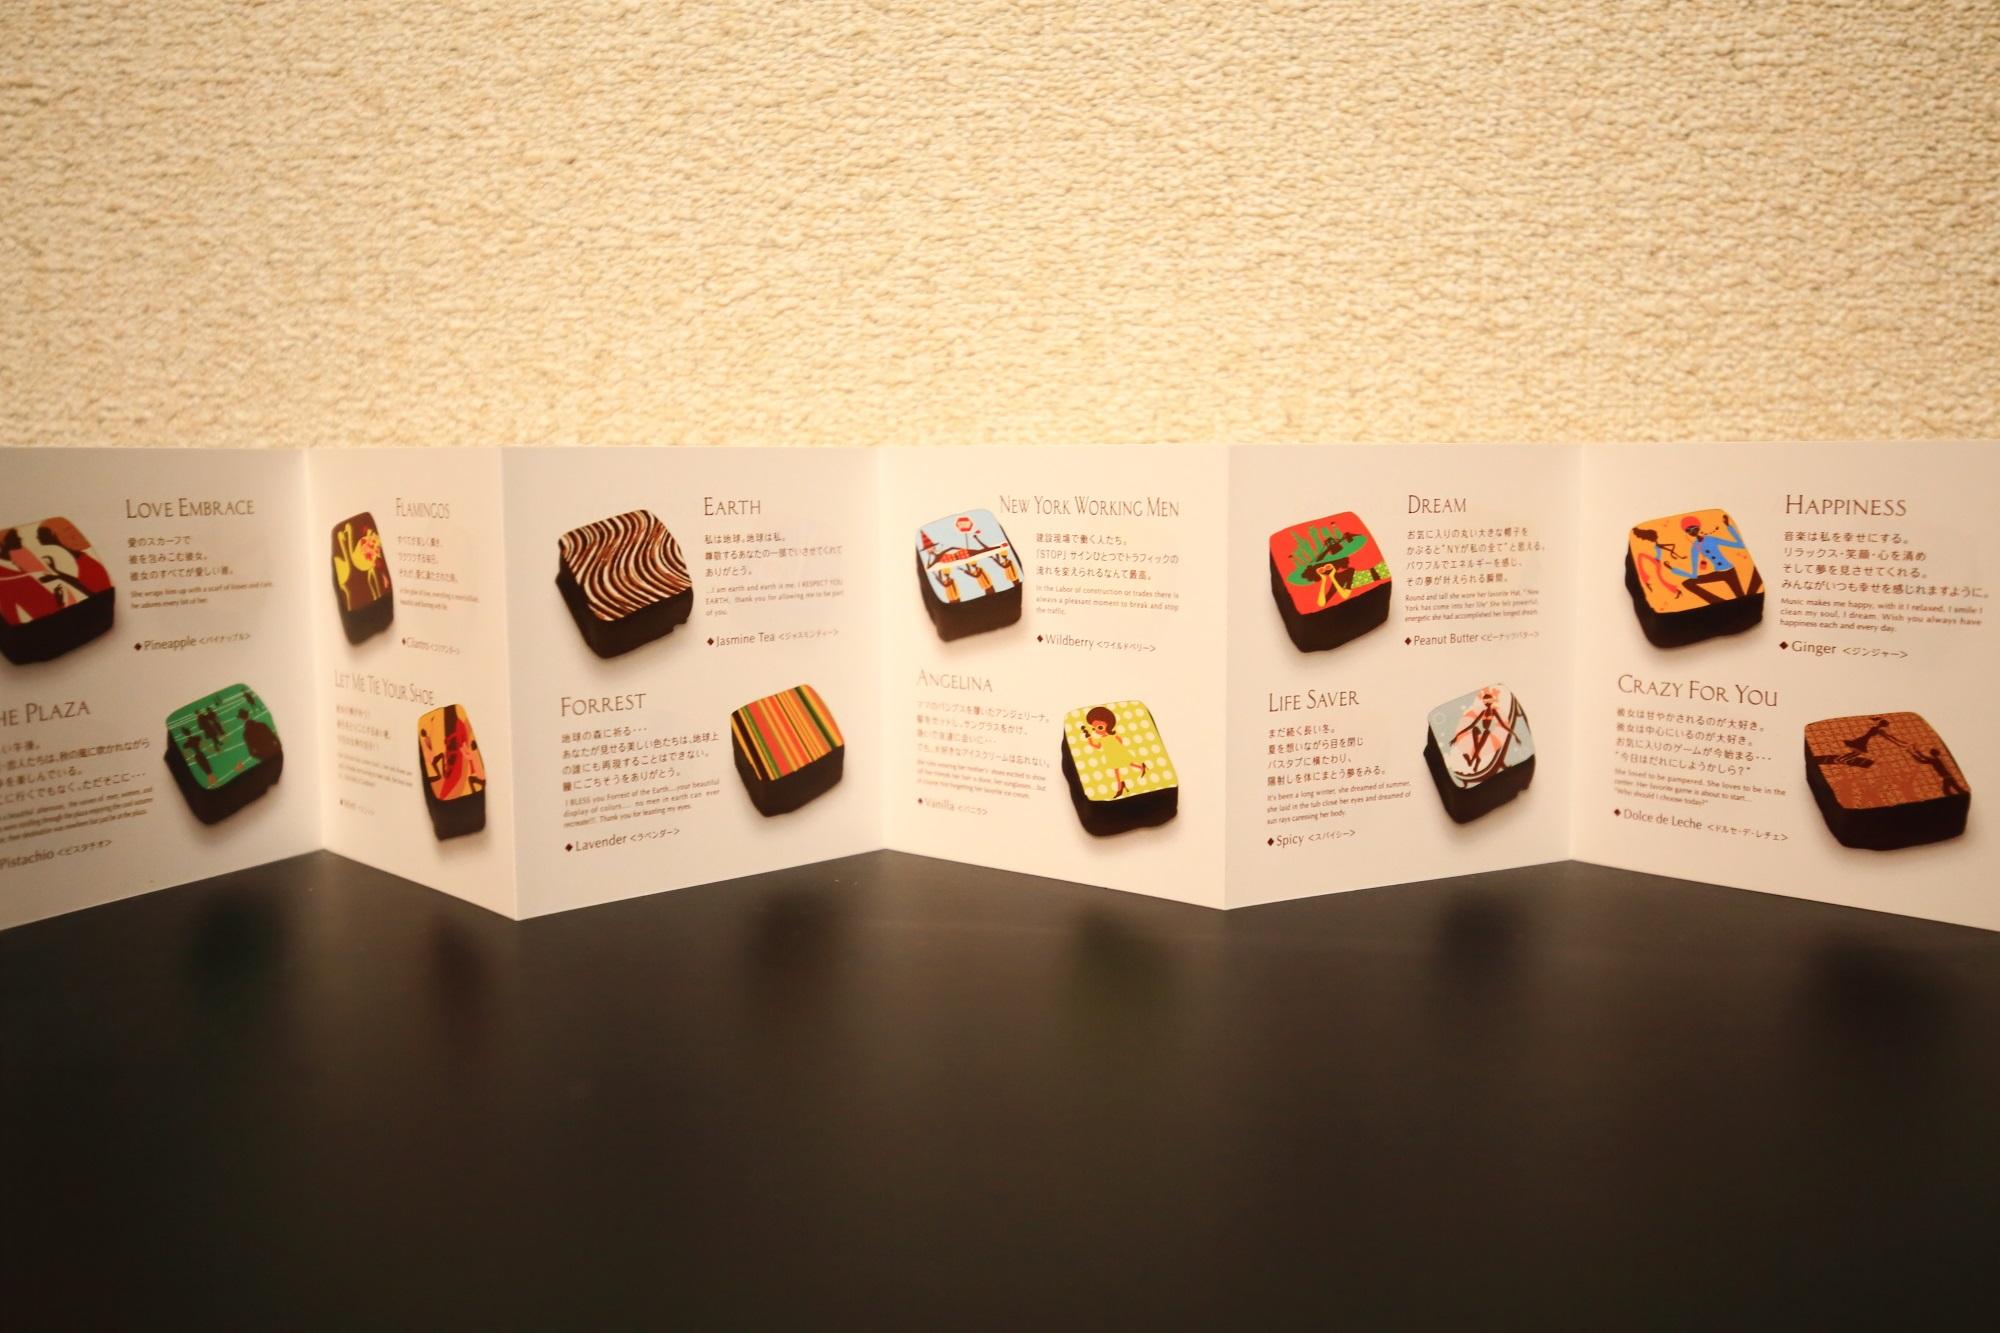 チョコレートの種類や味が載ったしおり